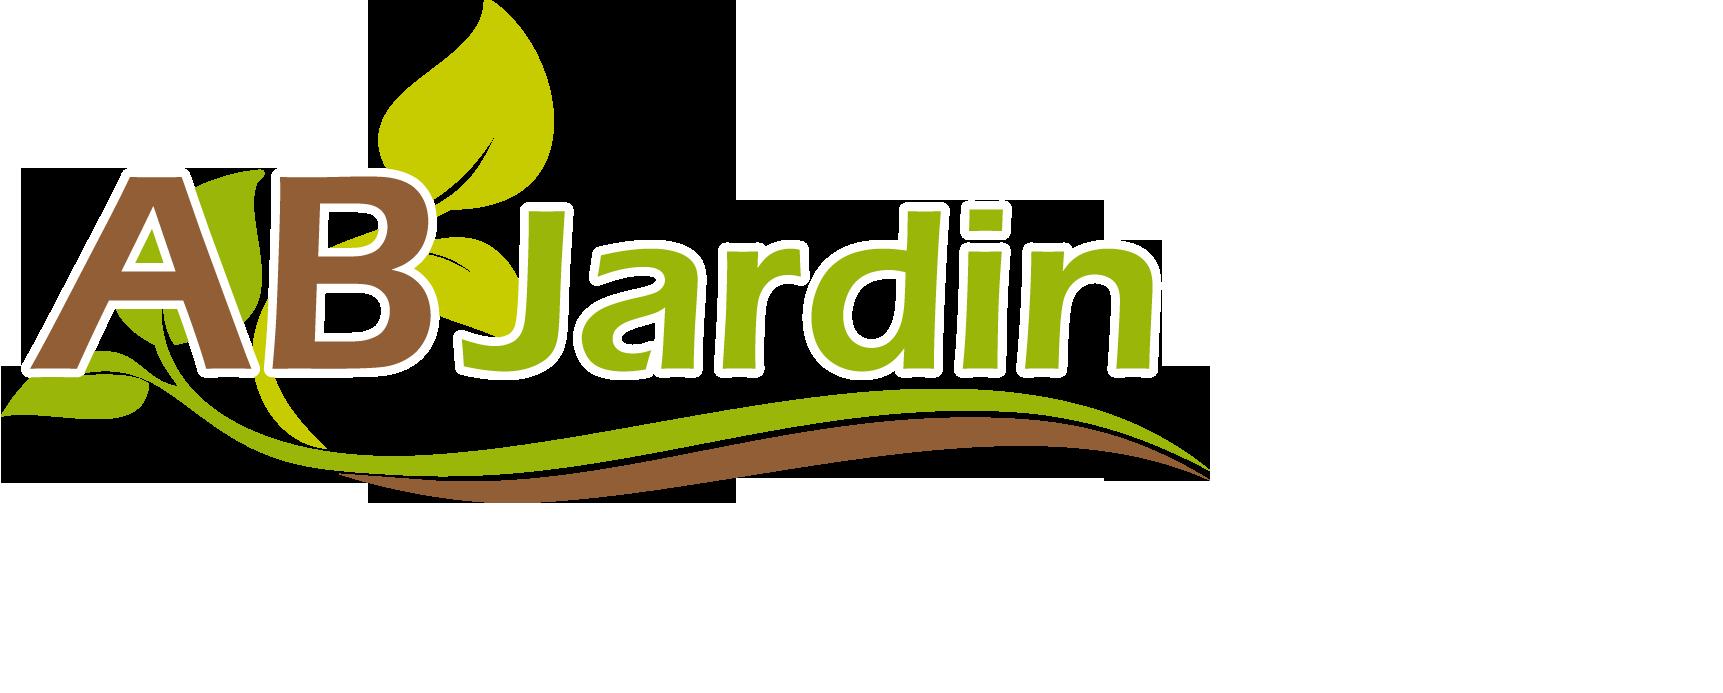 AB-Jardin